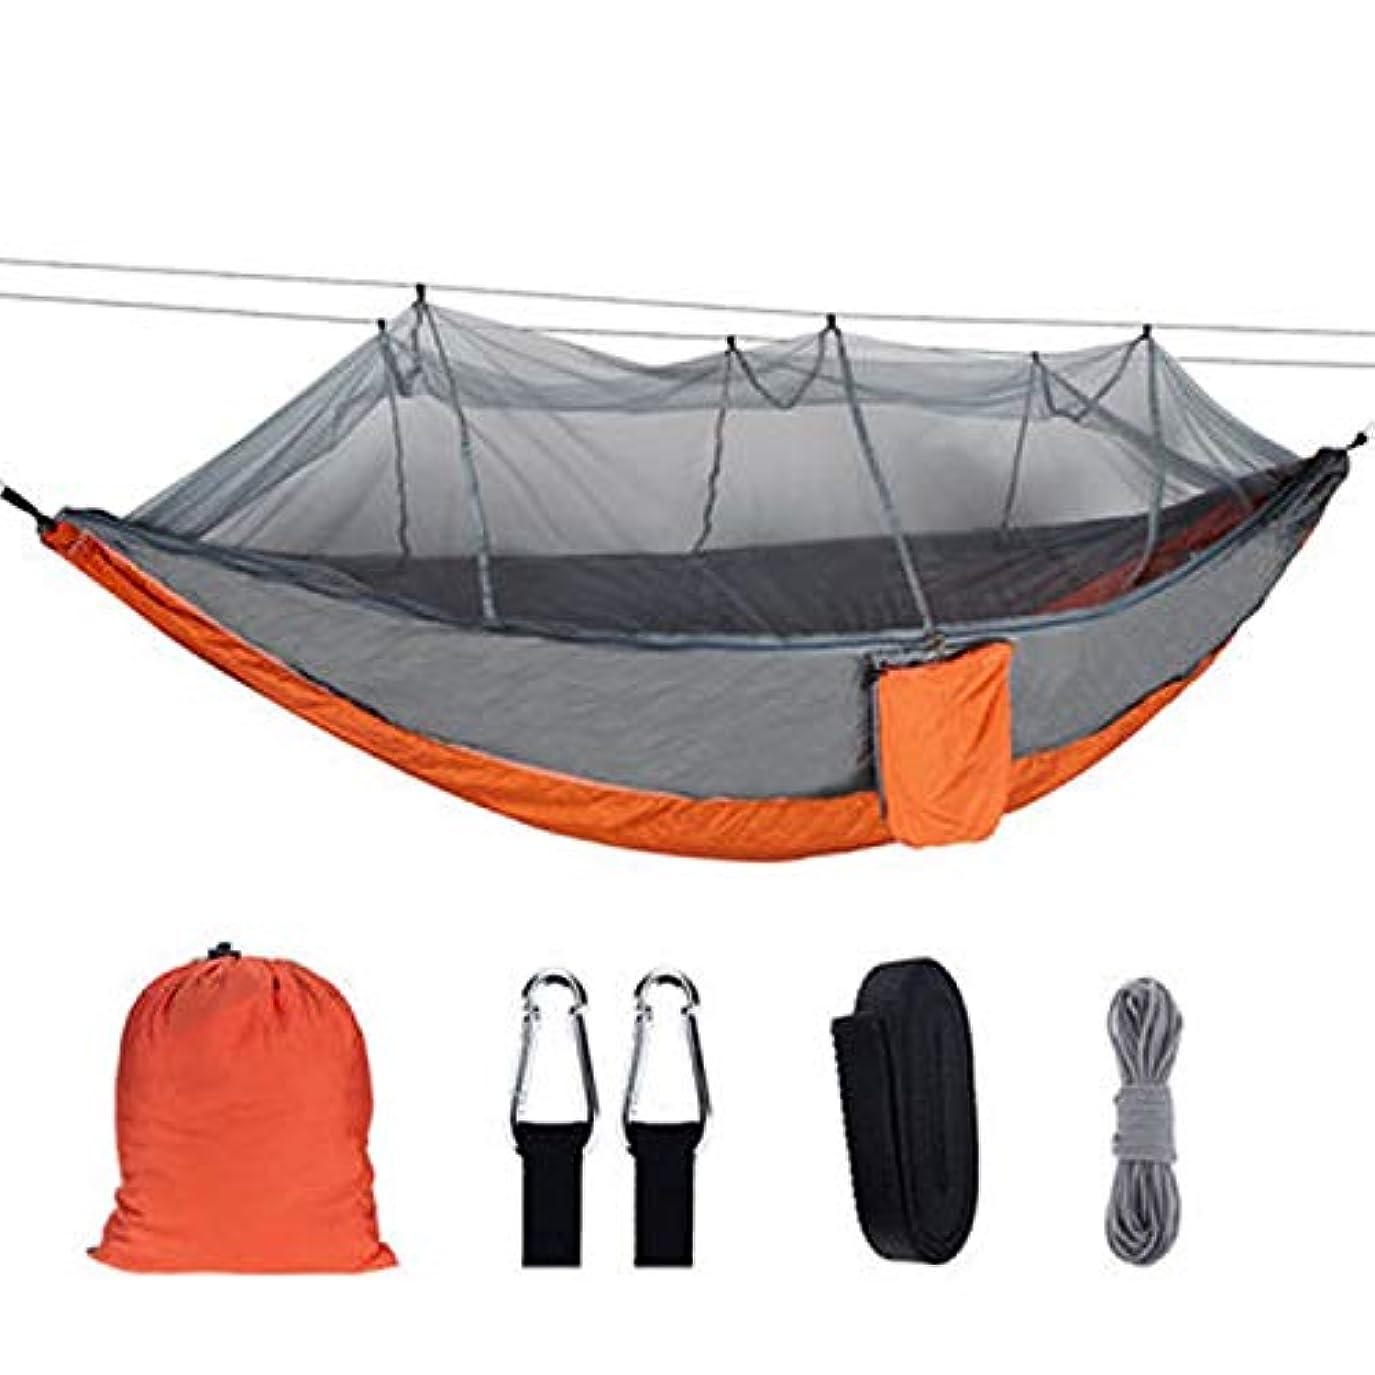 グリル納税者散歩屋外ハンモックパラシュート蚊帳ハンモックアンチロールオーバーライトポータブルグレー長く260 * 140 cm積載量200(kg)